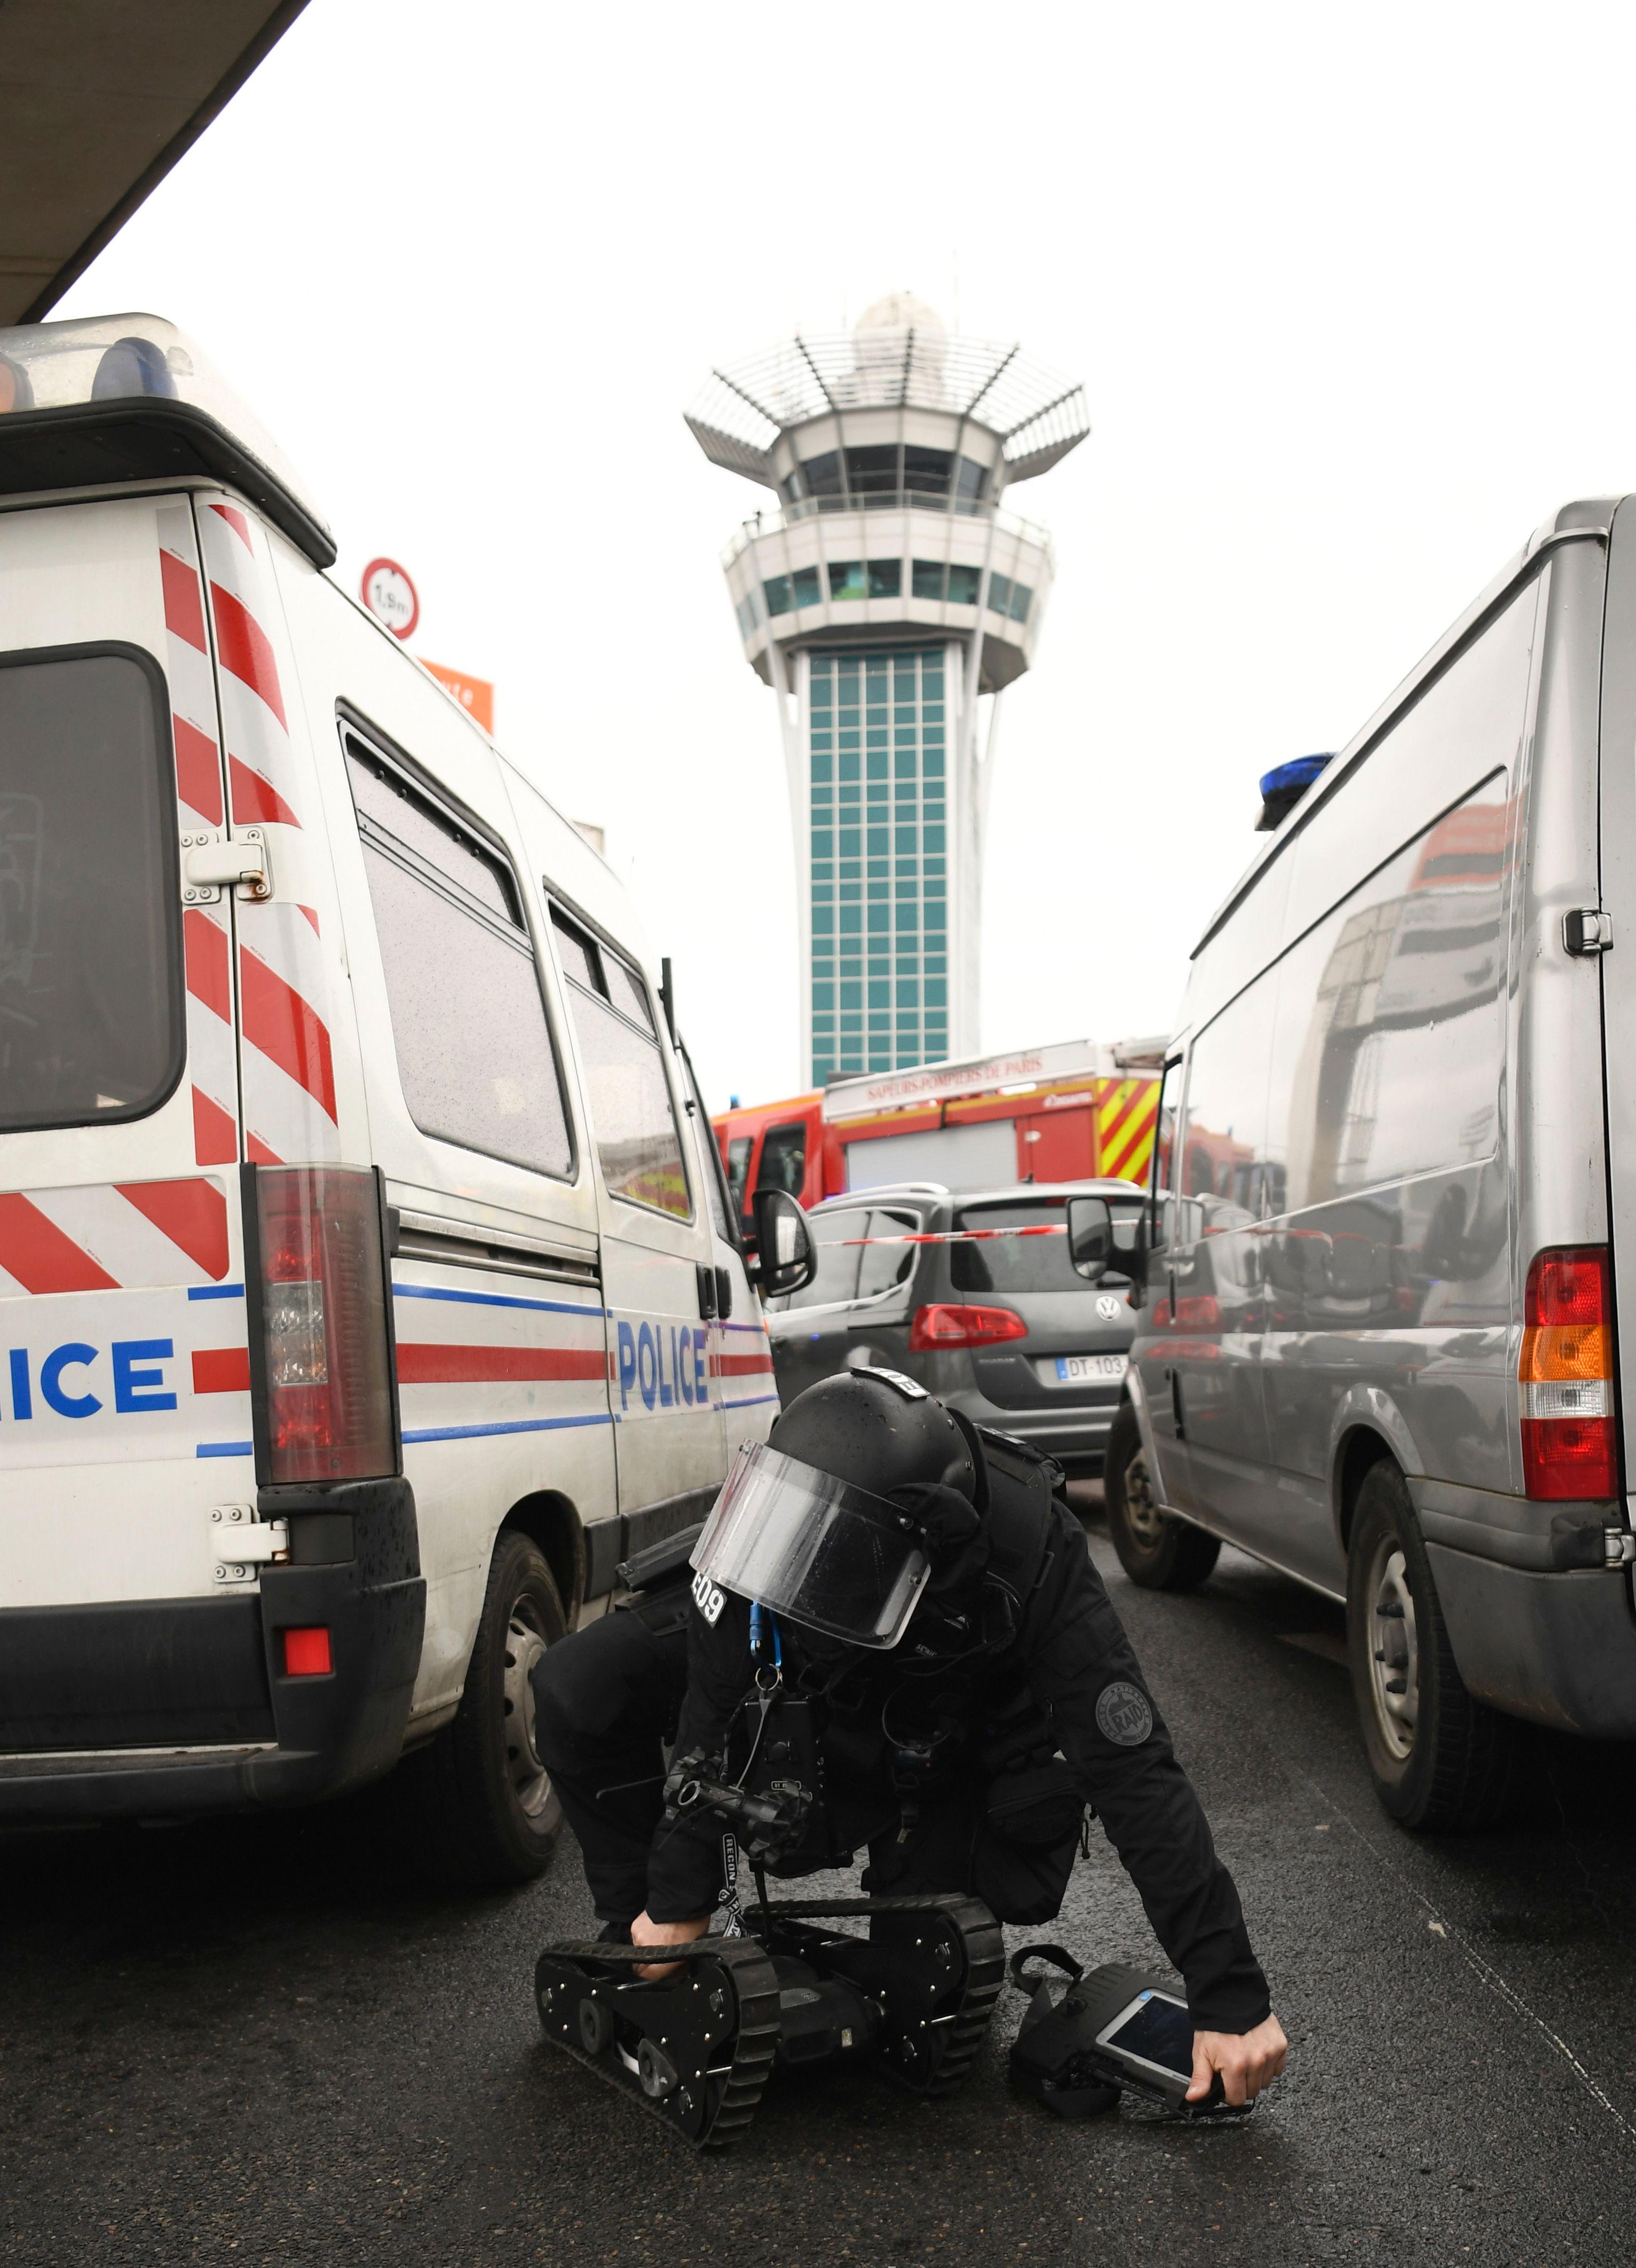 شرطى فرنسى خلال البحث عن متفجرات